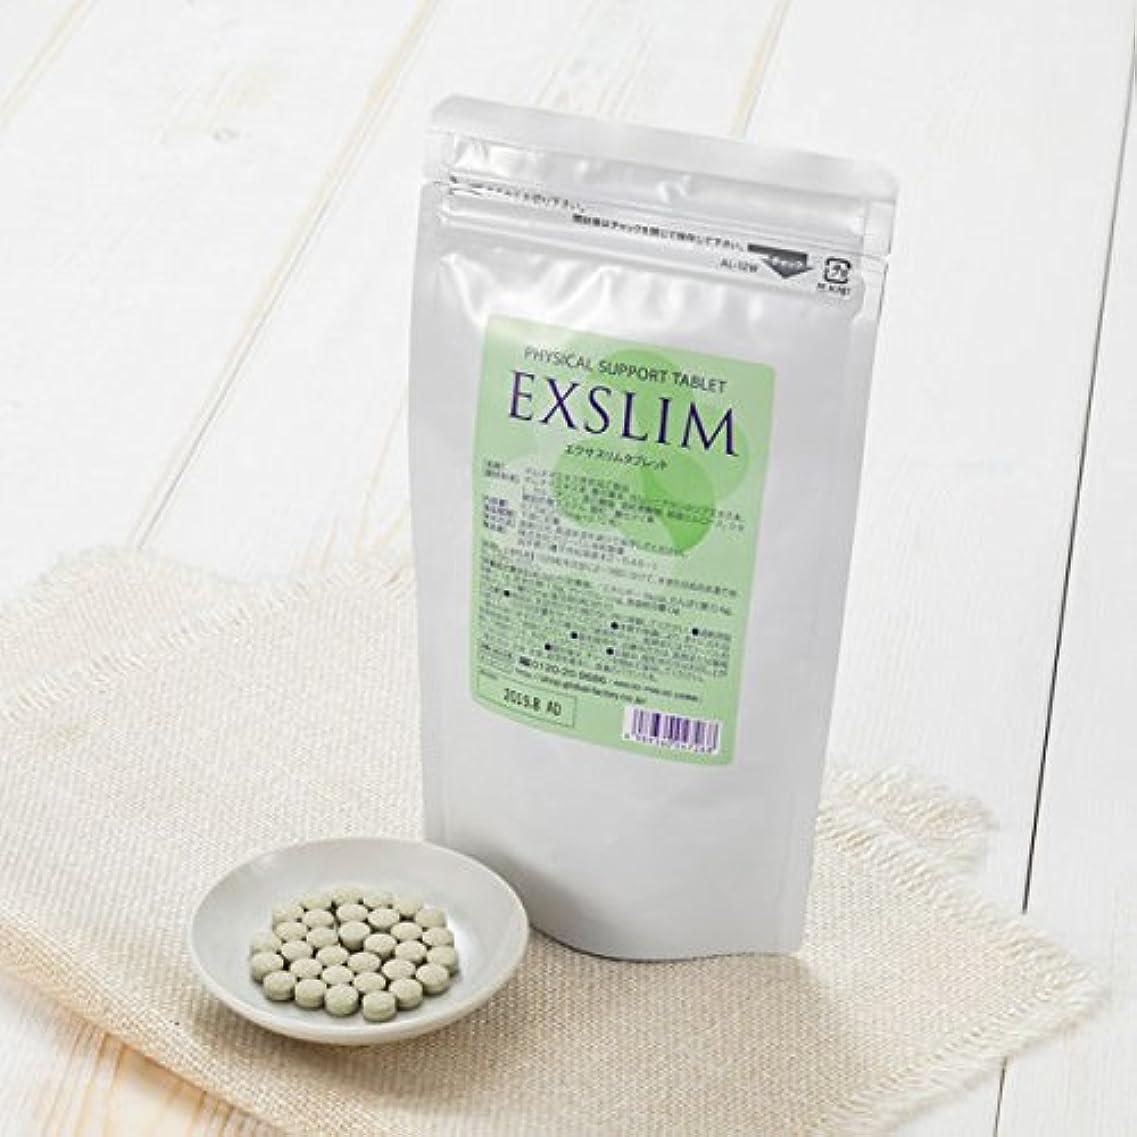 尾ペンダント食い違い【EXSLIM】エクサスリム タブレット (250mg×270粒)